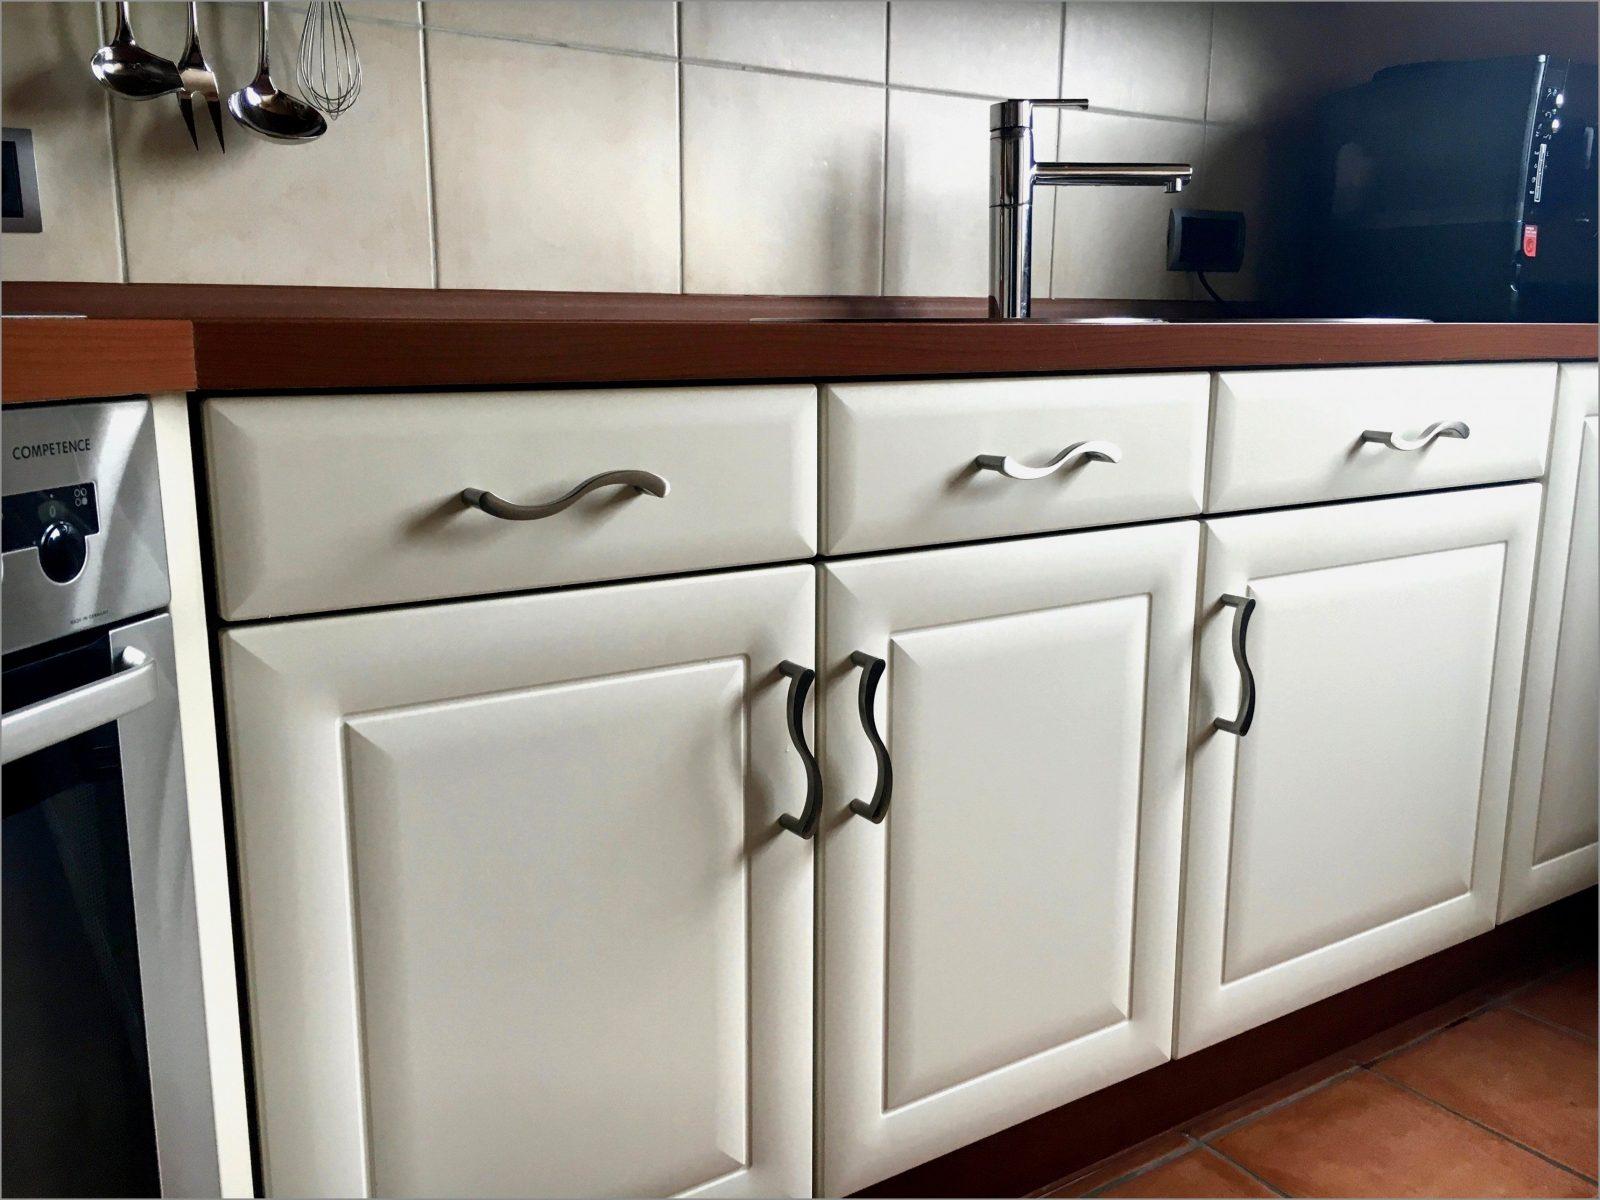 Gebrauchte Küchen Günstig   Möbel Küche 580551 Gartenmöbel Günstig ...